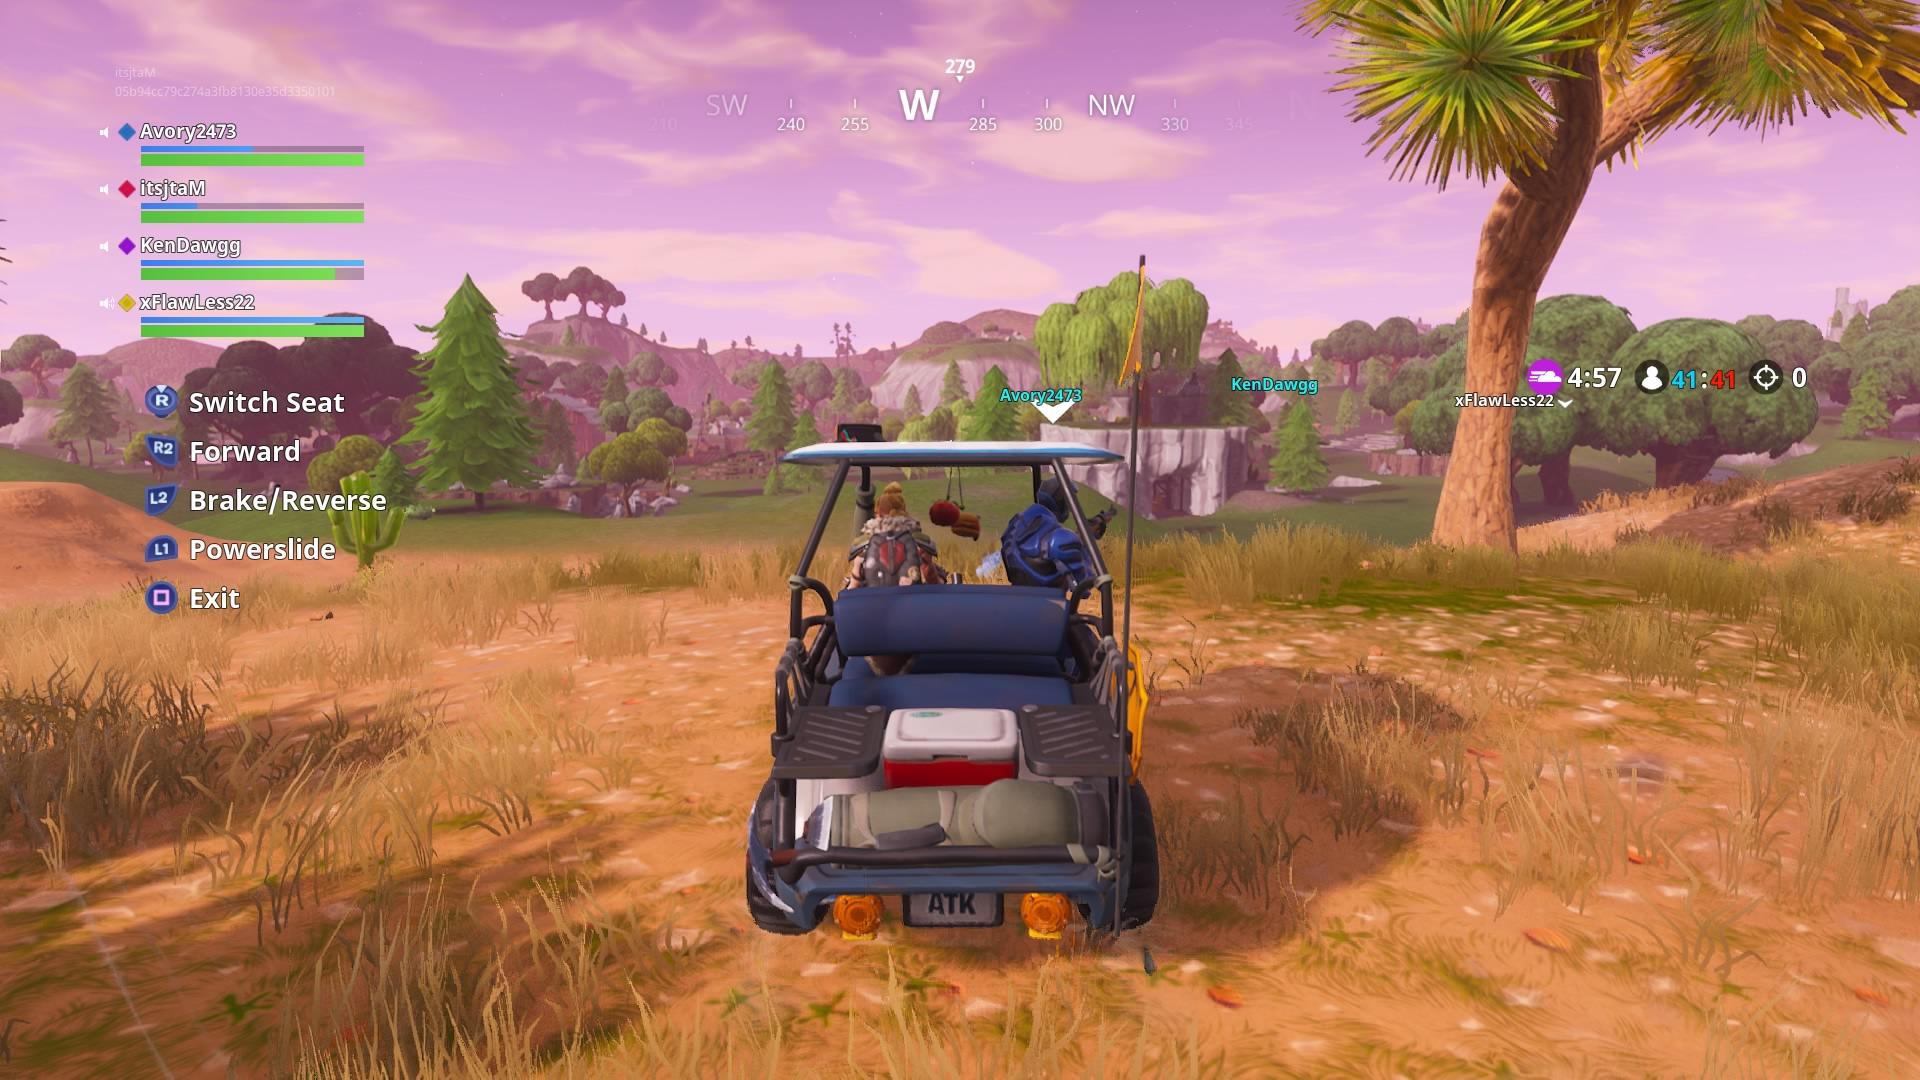 fortnite golf cart wallpaper 64307